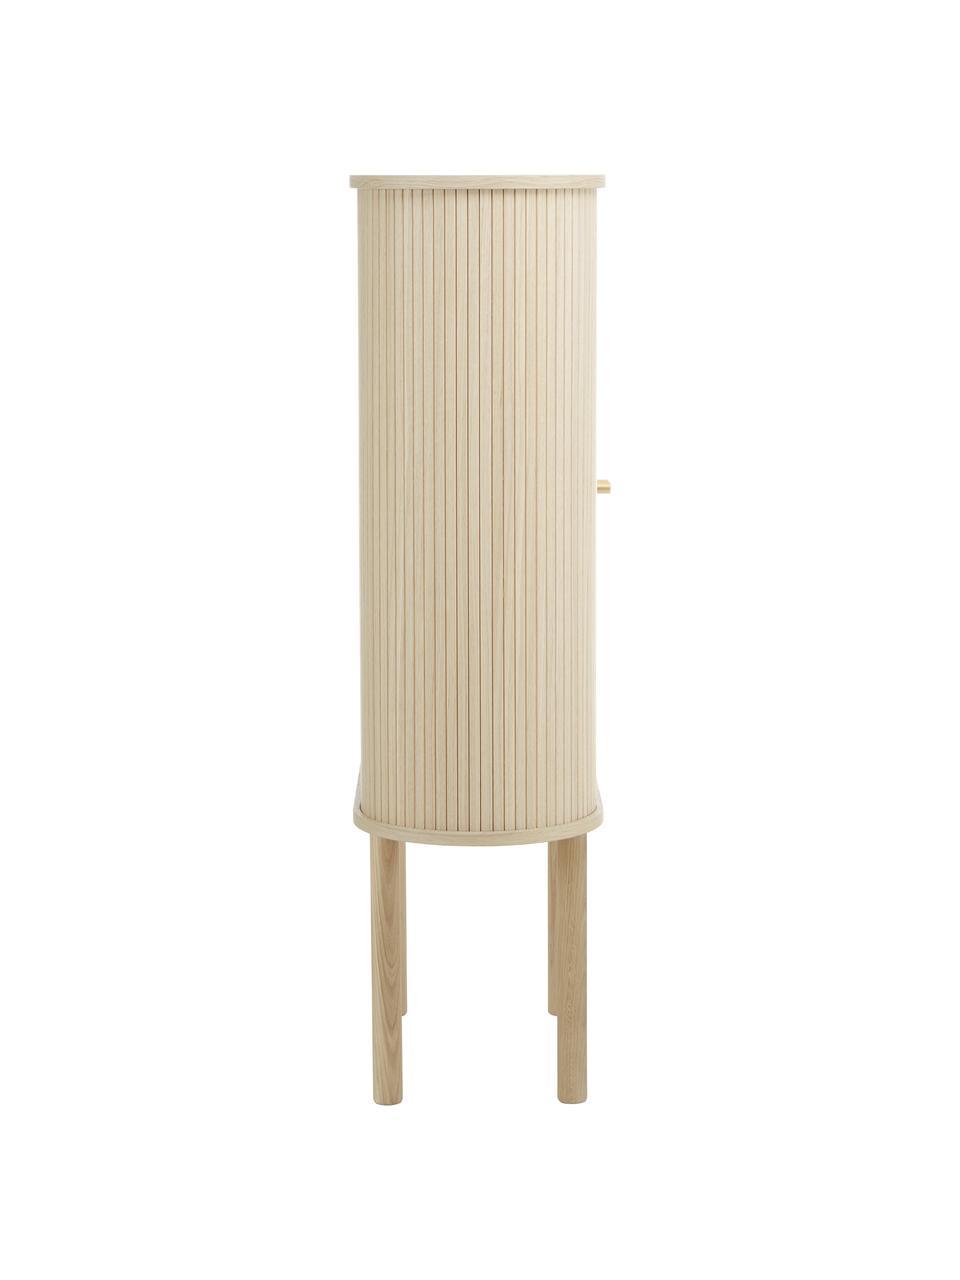 Credenza alta in legno con ante scorrevoli Calary, Gambe: legno massiccio di querci, Legno chiaro, Larg. 75 x Alt. 130 cm